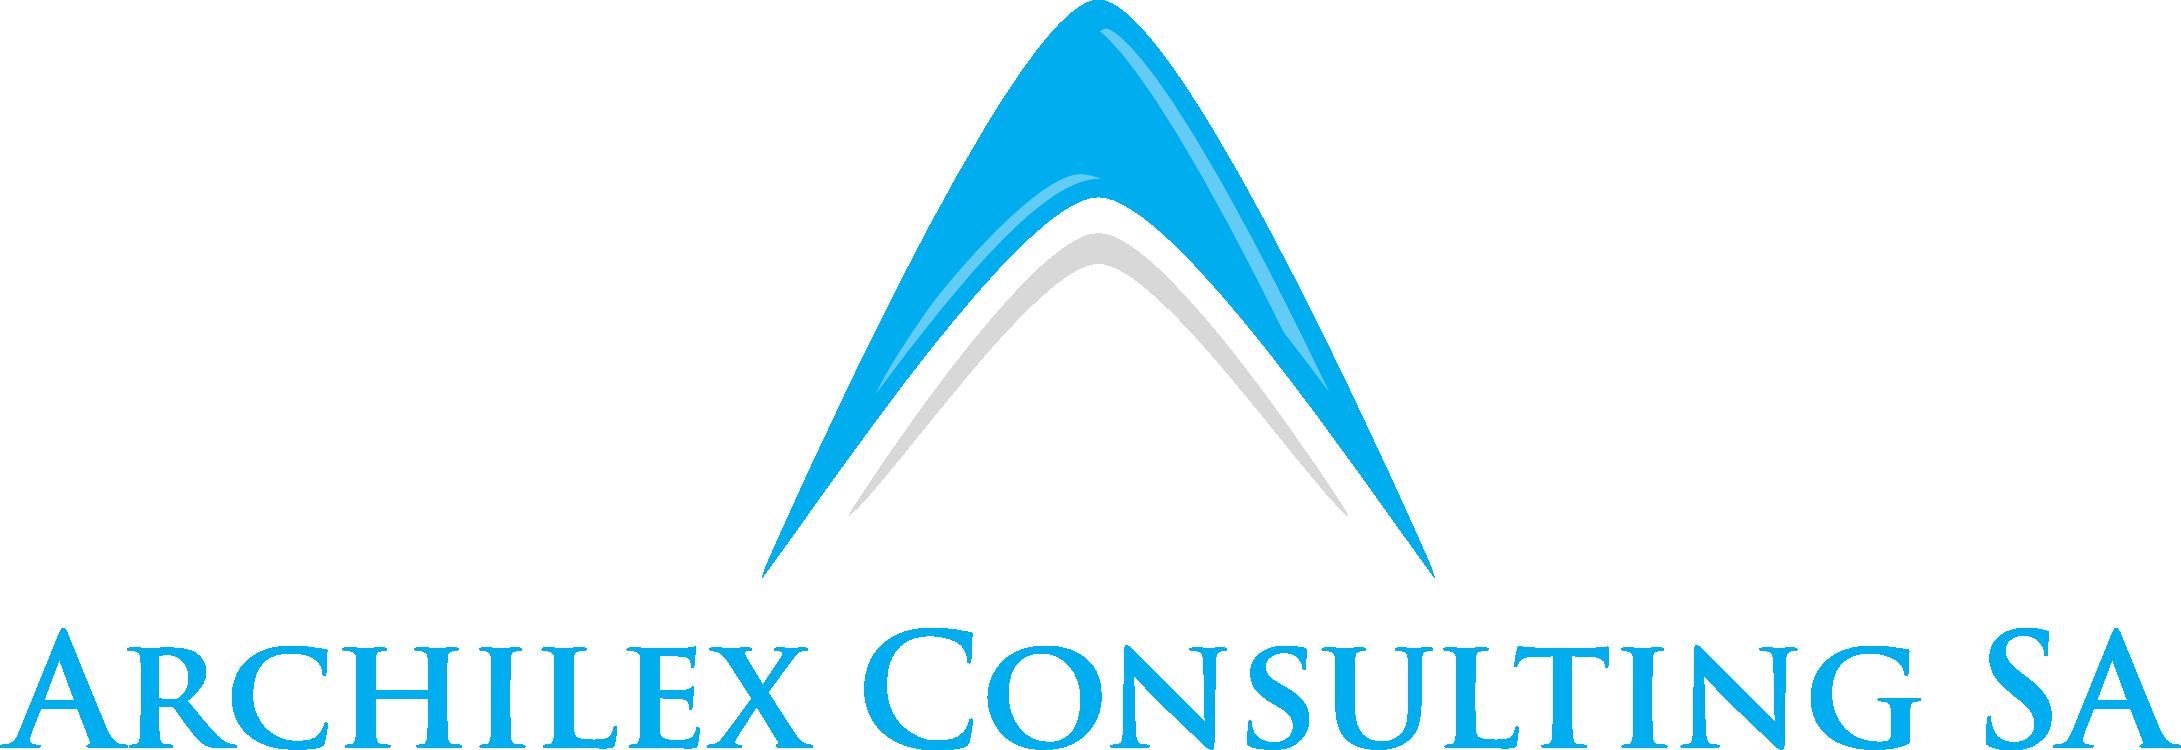 Archilex Consulting SA